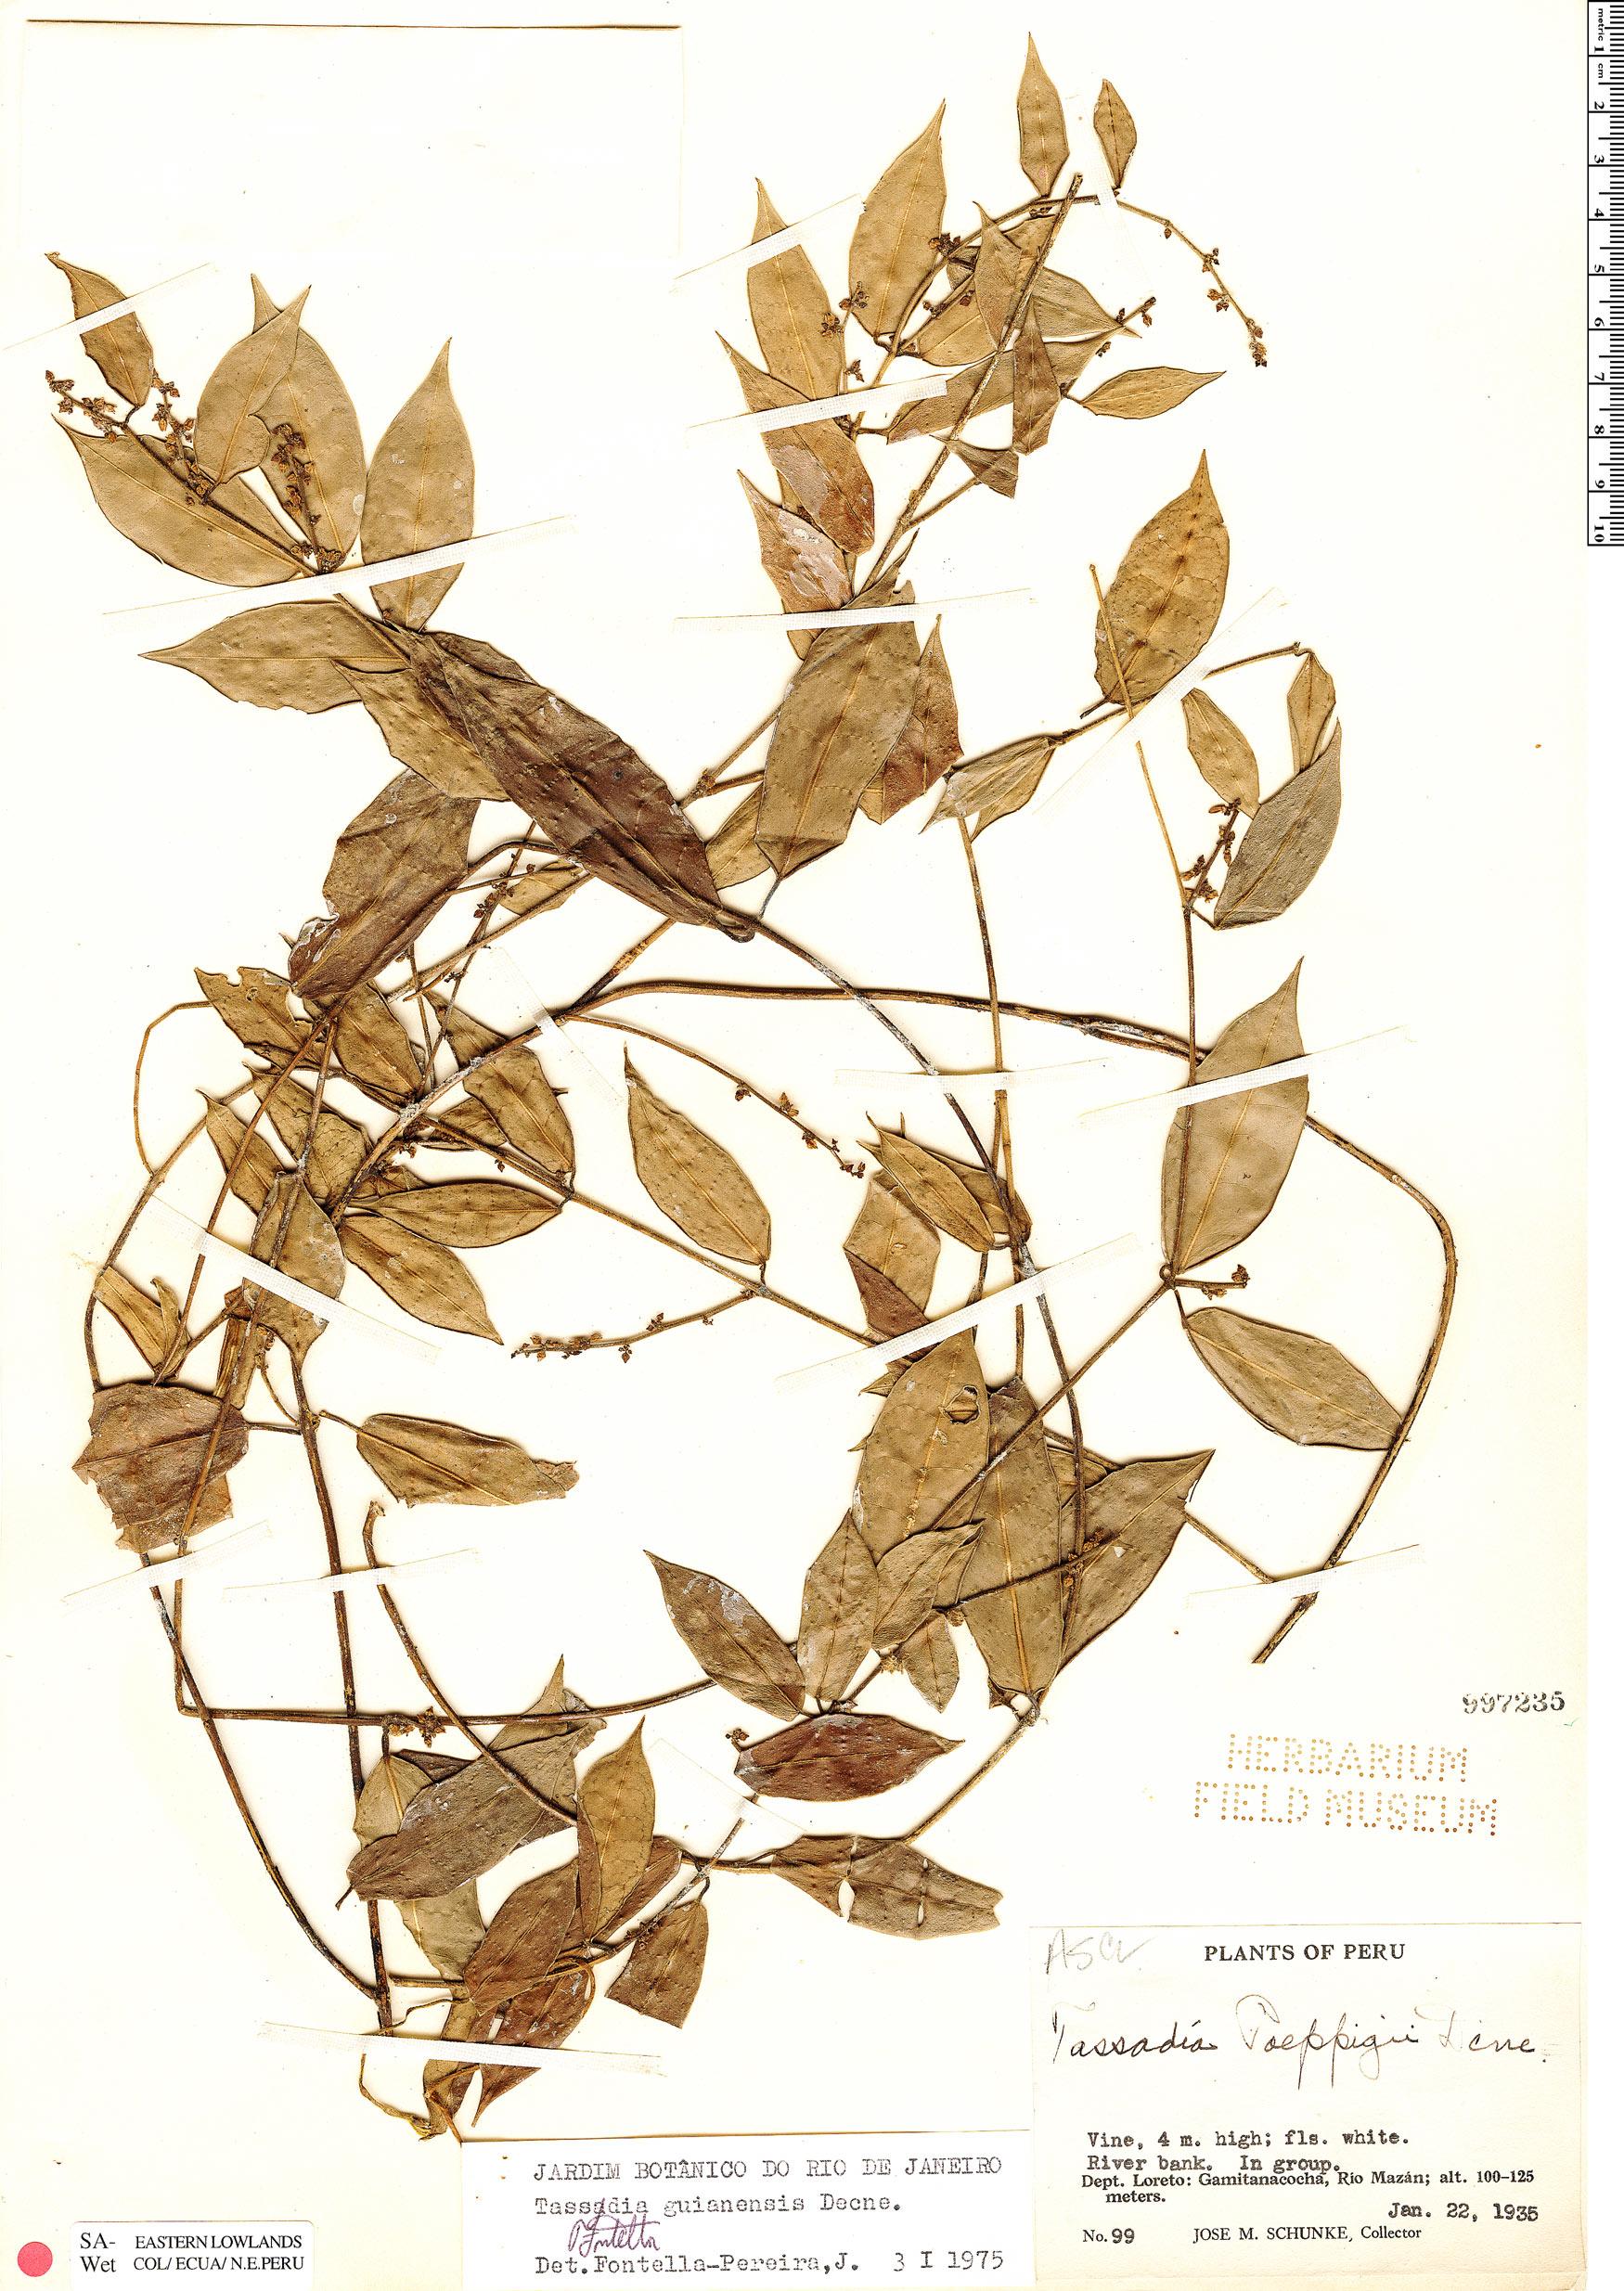 Specimen: Tassadia guianensis